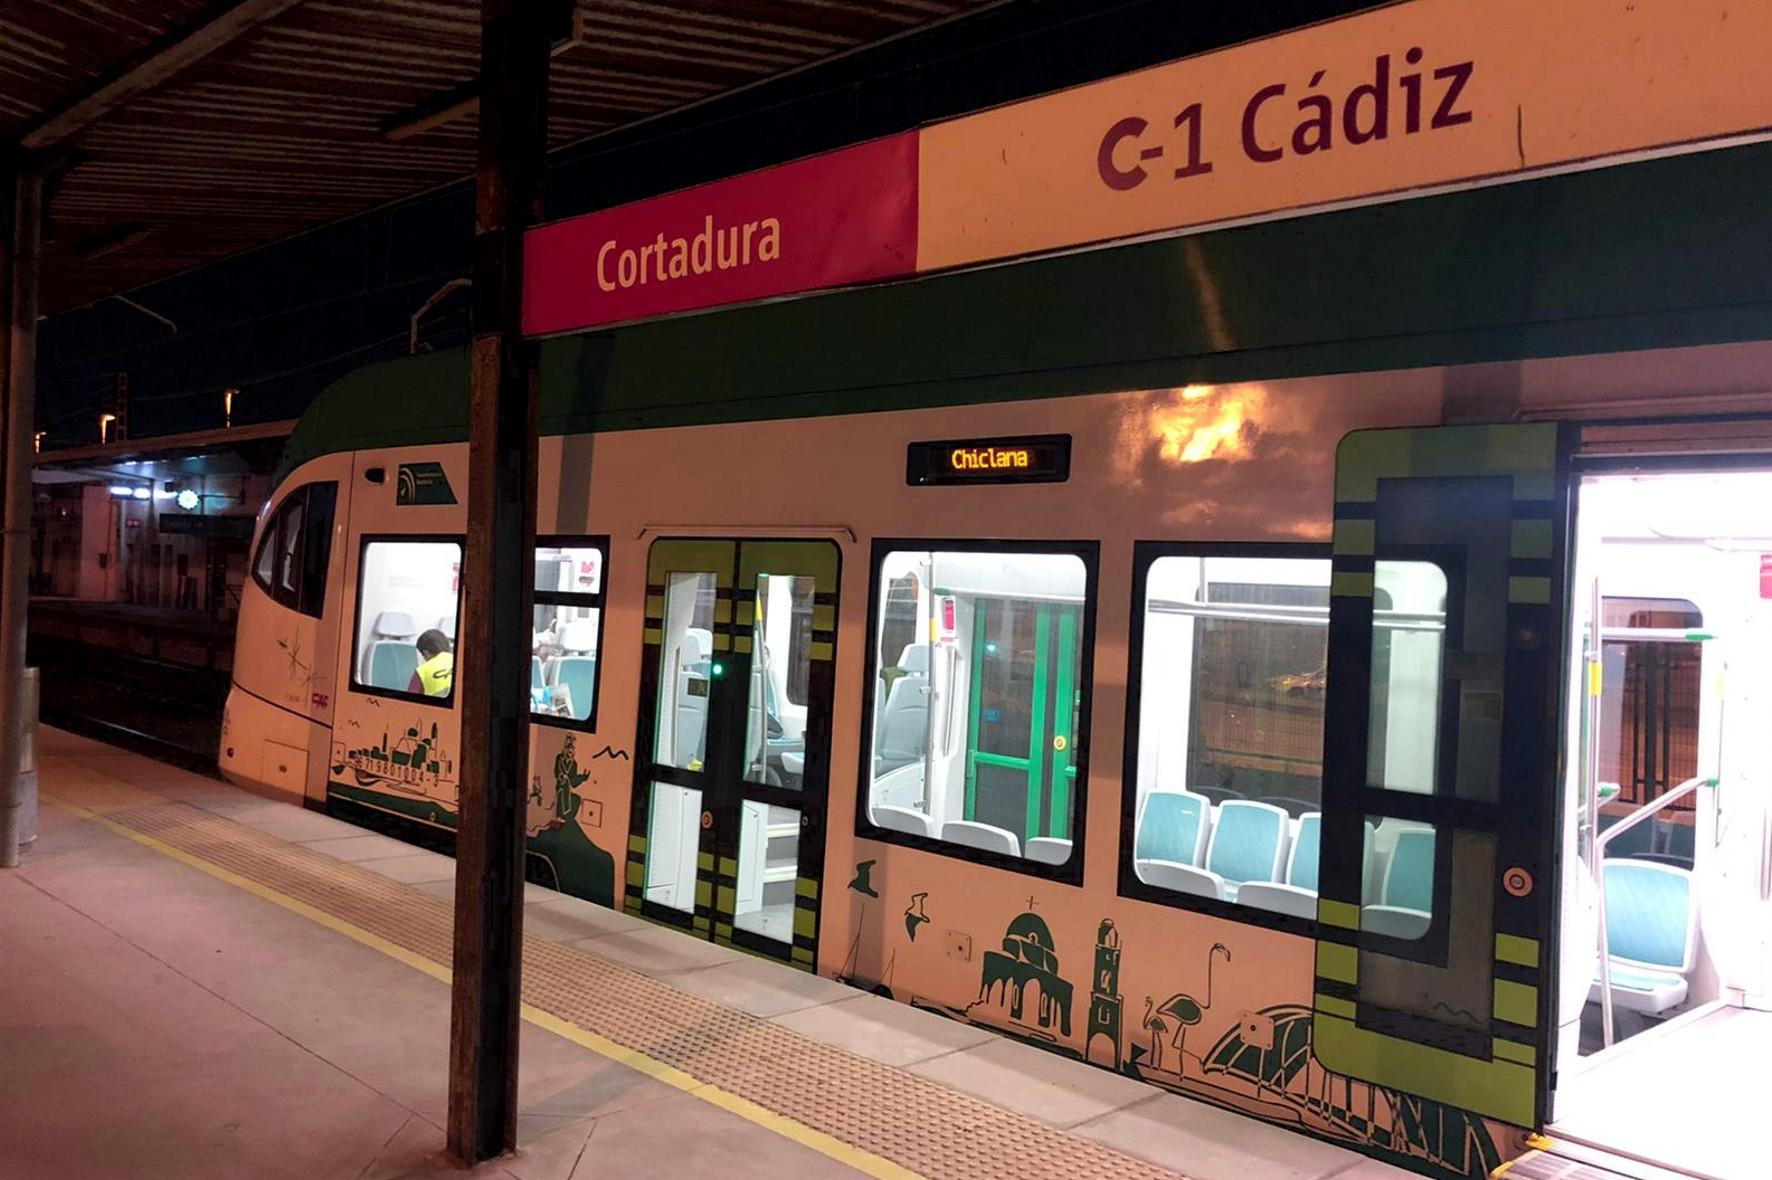 El tranvía llega por primera vez en pruebas a la estación de Cercanías de Cortadura, en Cádiz capital.